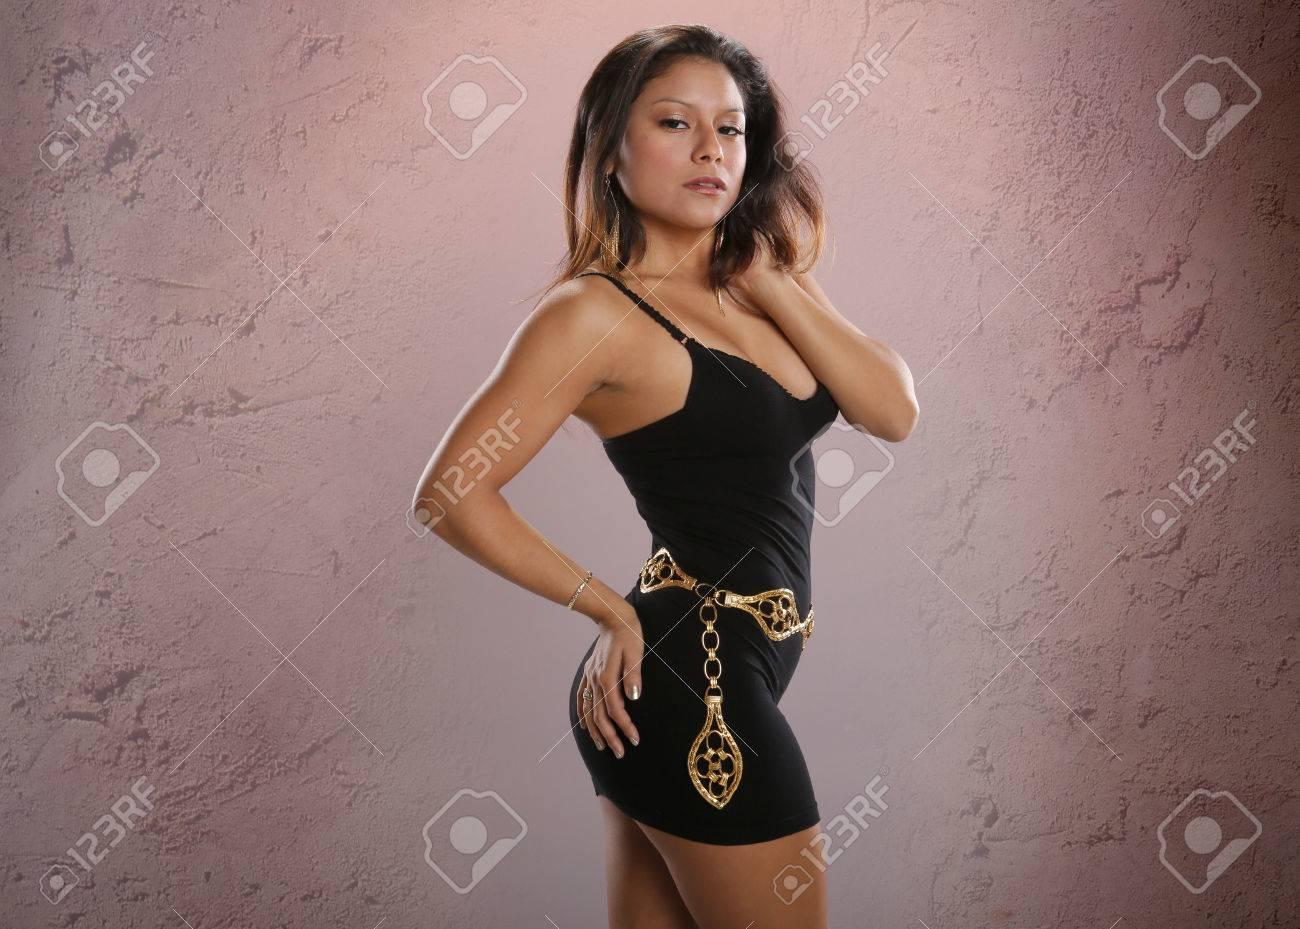 Latino hot girls